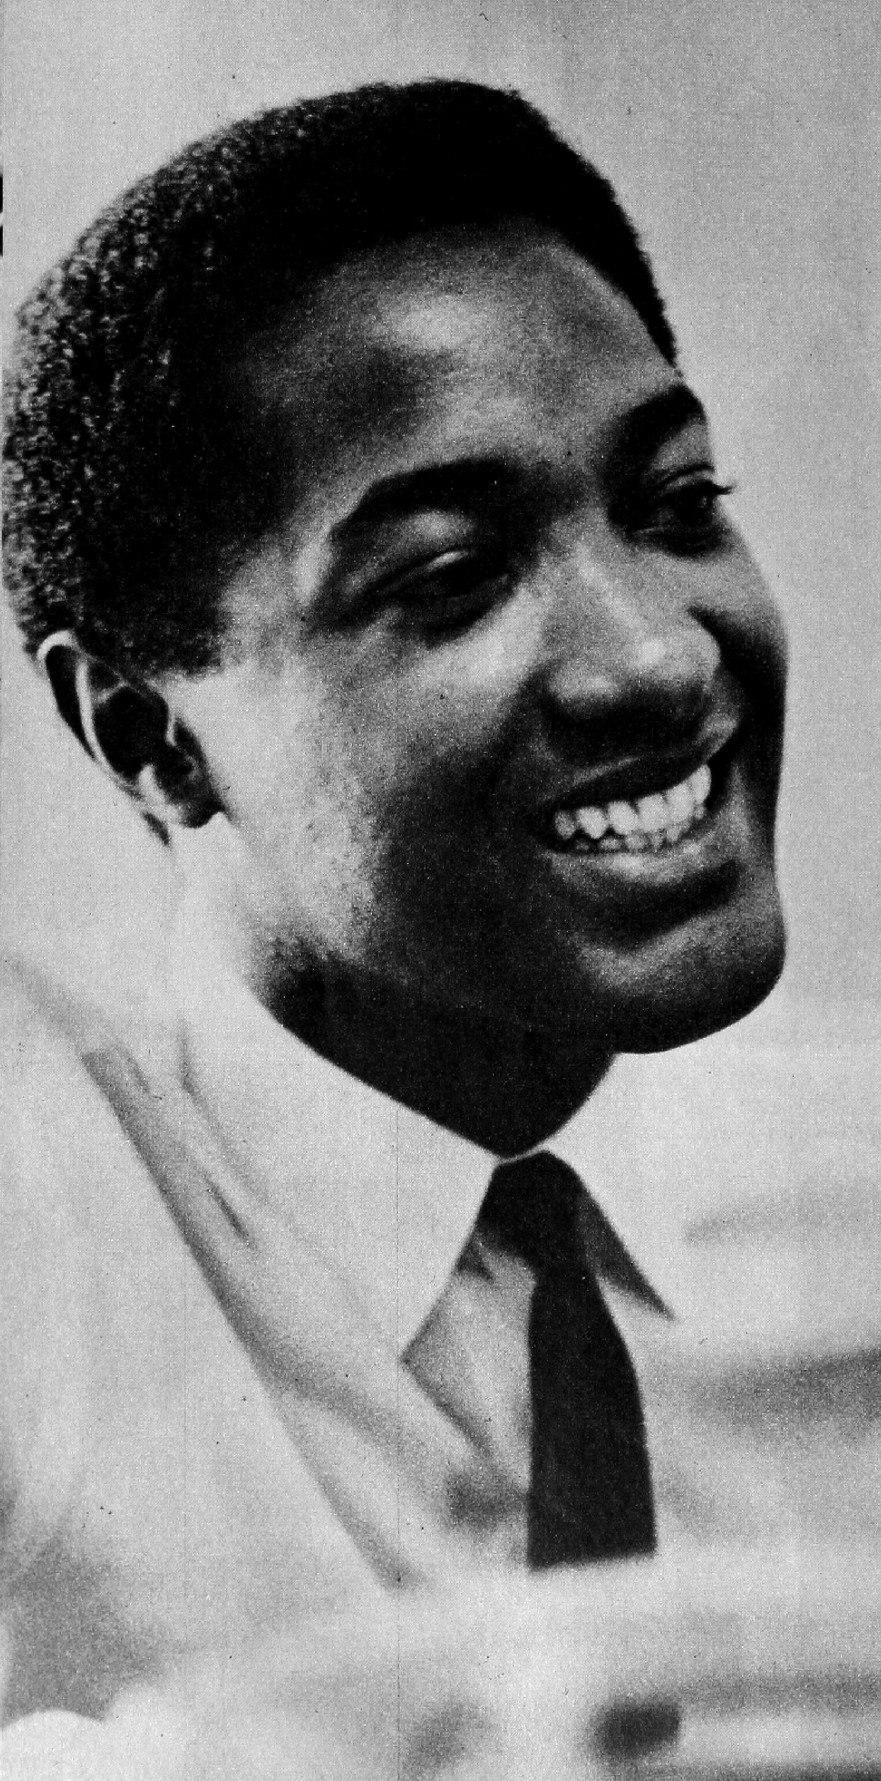 Sam Cooke 1961